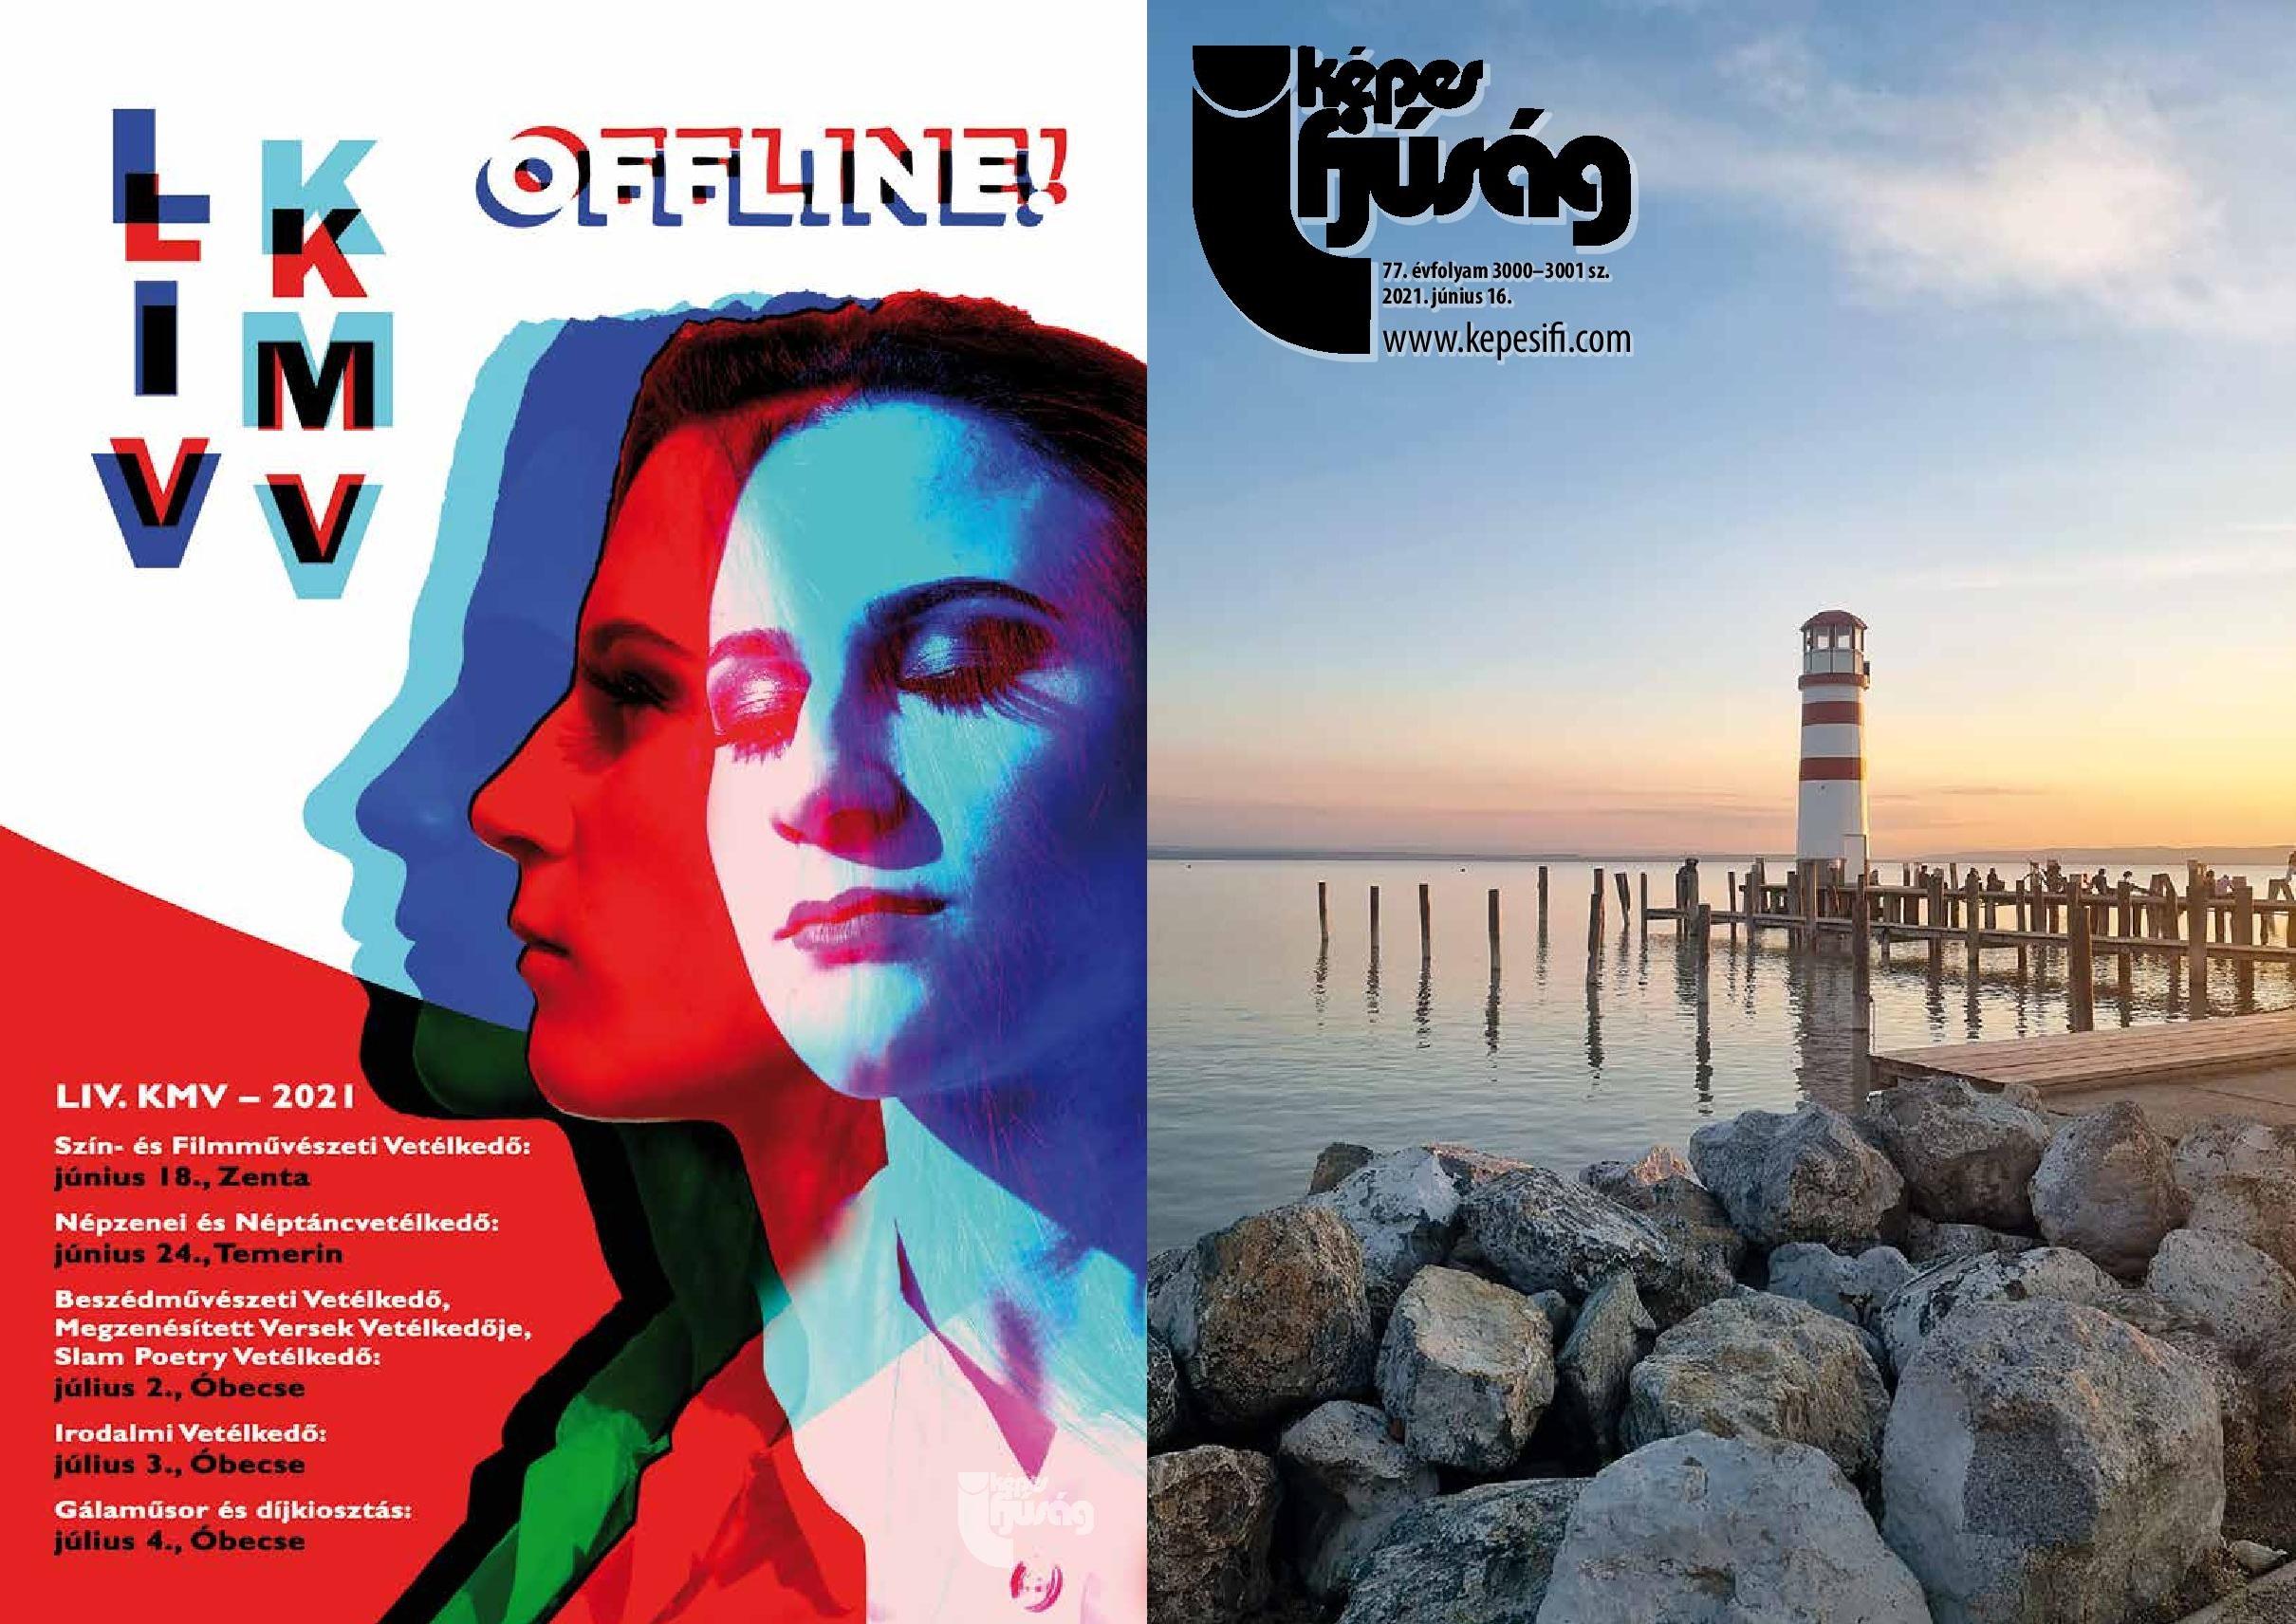 Címoldal: Anitics Márta  Hátsó oldal: KMV – Plakátpályázat 2021. 1. hely: Magosi Máté